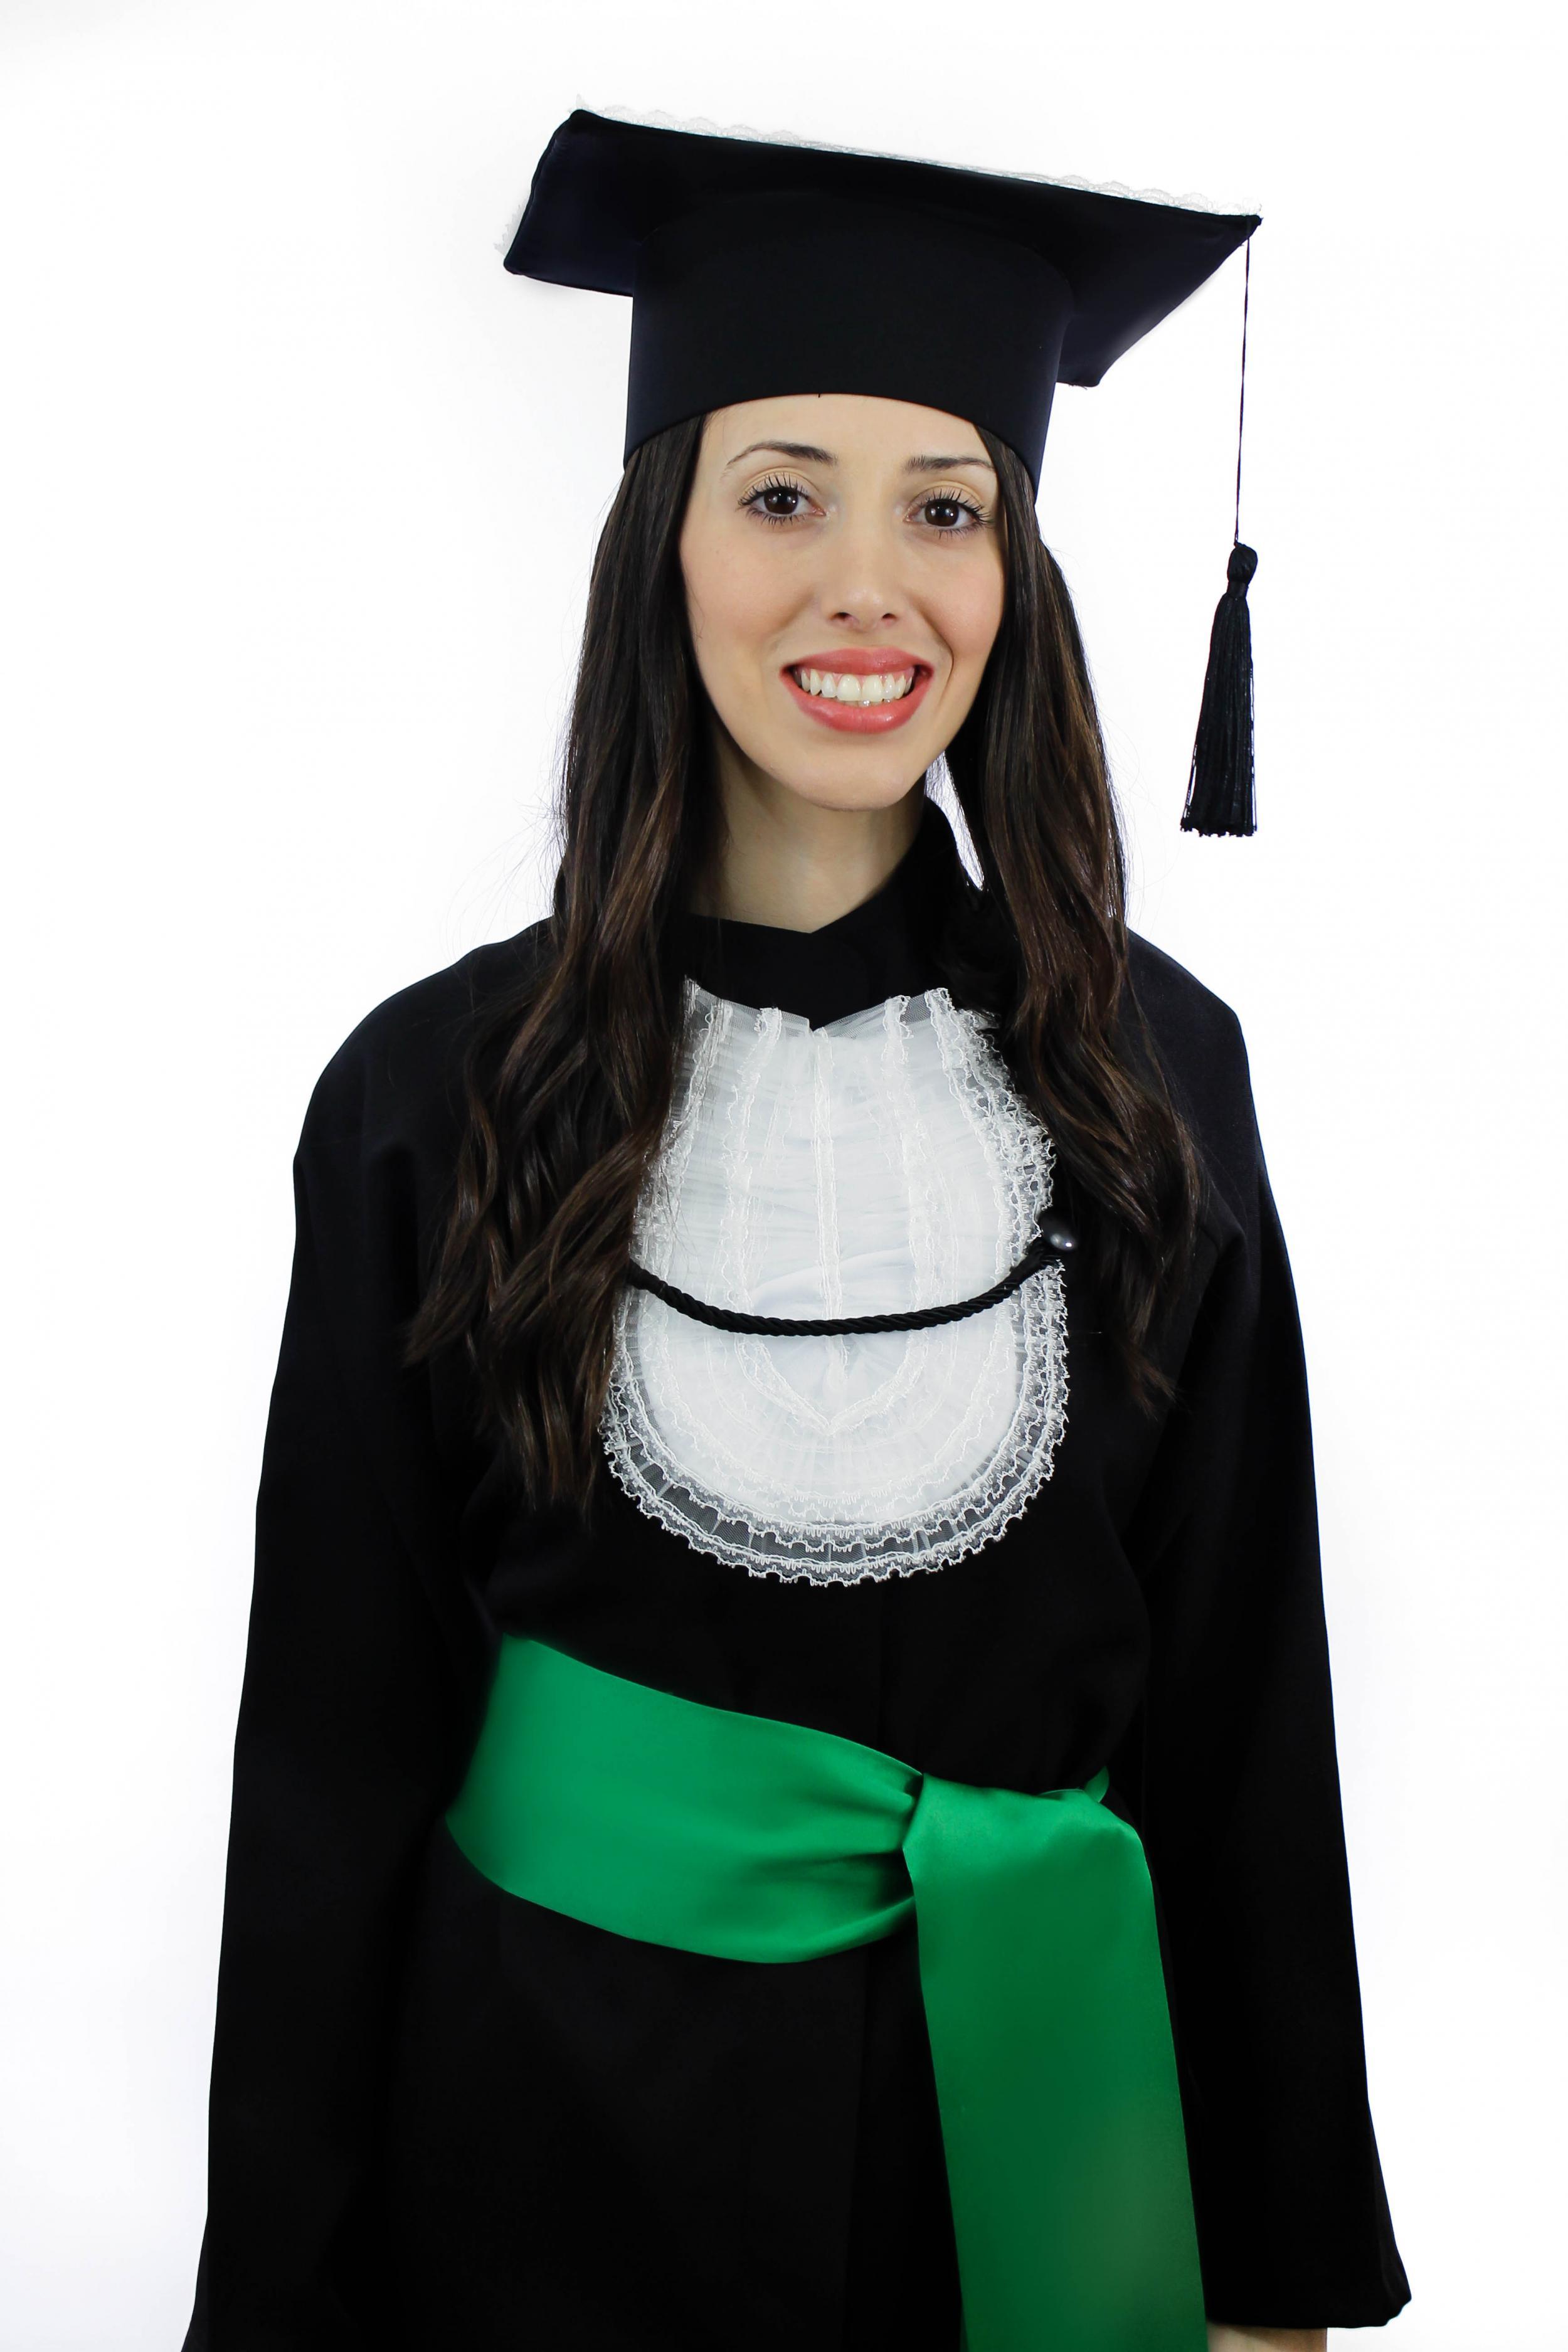 7 - beca tradicional com faixa verde e capelo